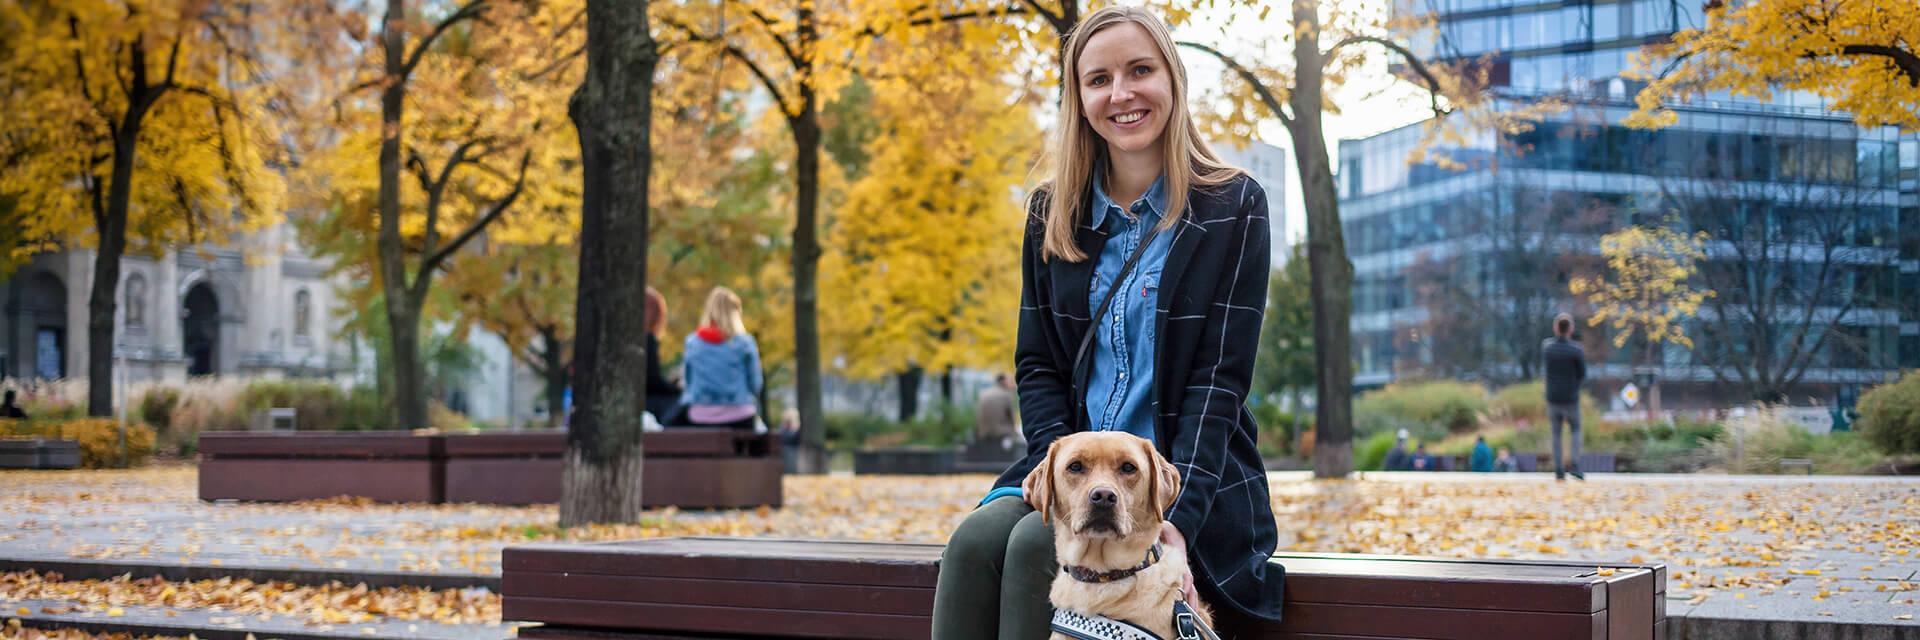 Na ławce w parku siedzi kobieta. Obok kobiety znajduje się pies przewodnik. Oboje patrzą w stronę aparatu.